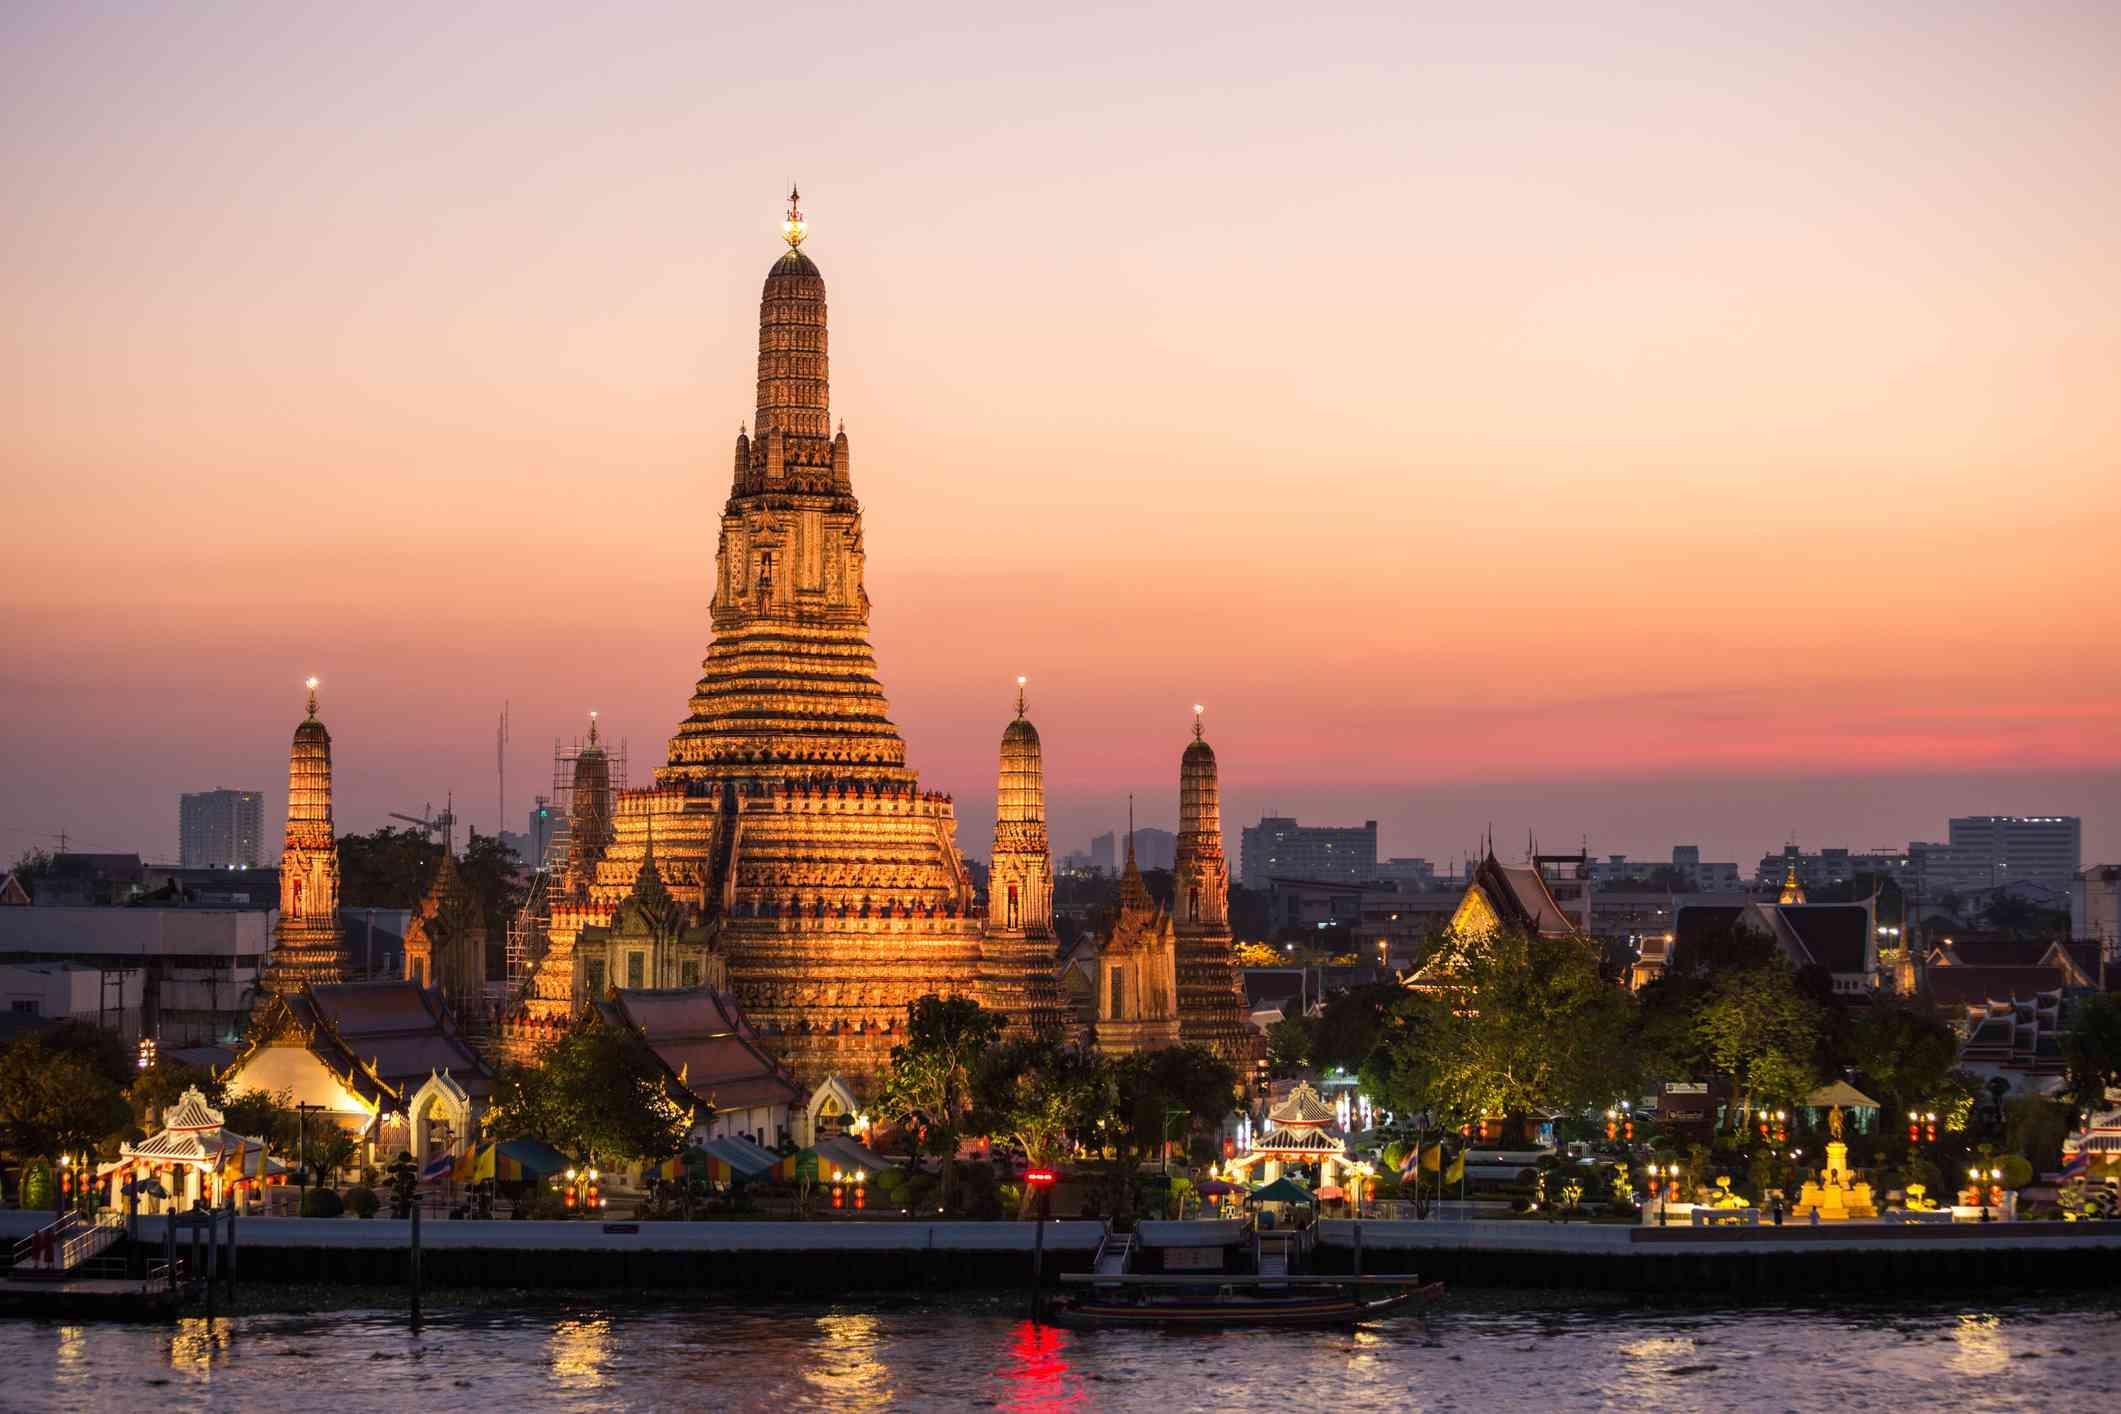 Sunset over Wat Arun temple, Bangkok, Thailand